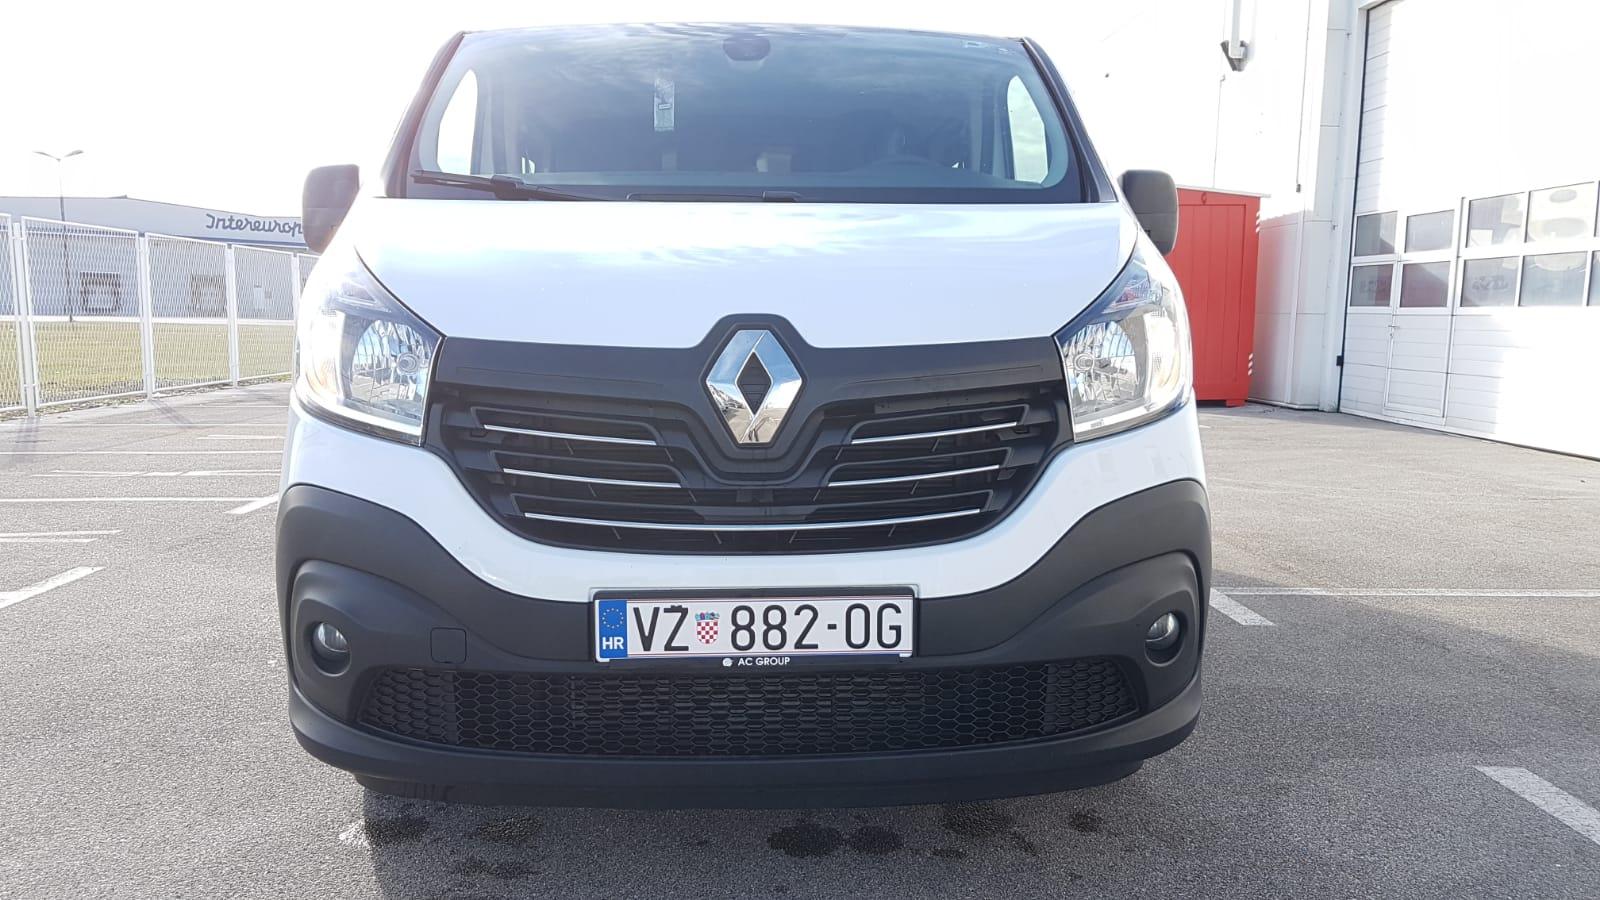 Renault Trafic (VŽ-882-OG) 7